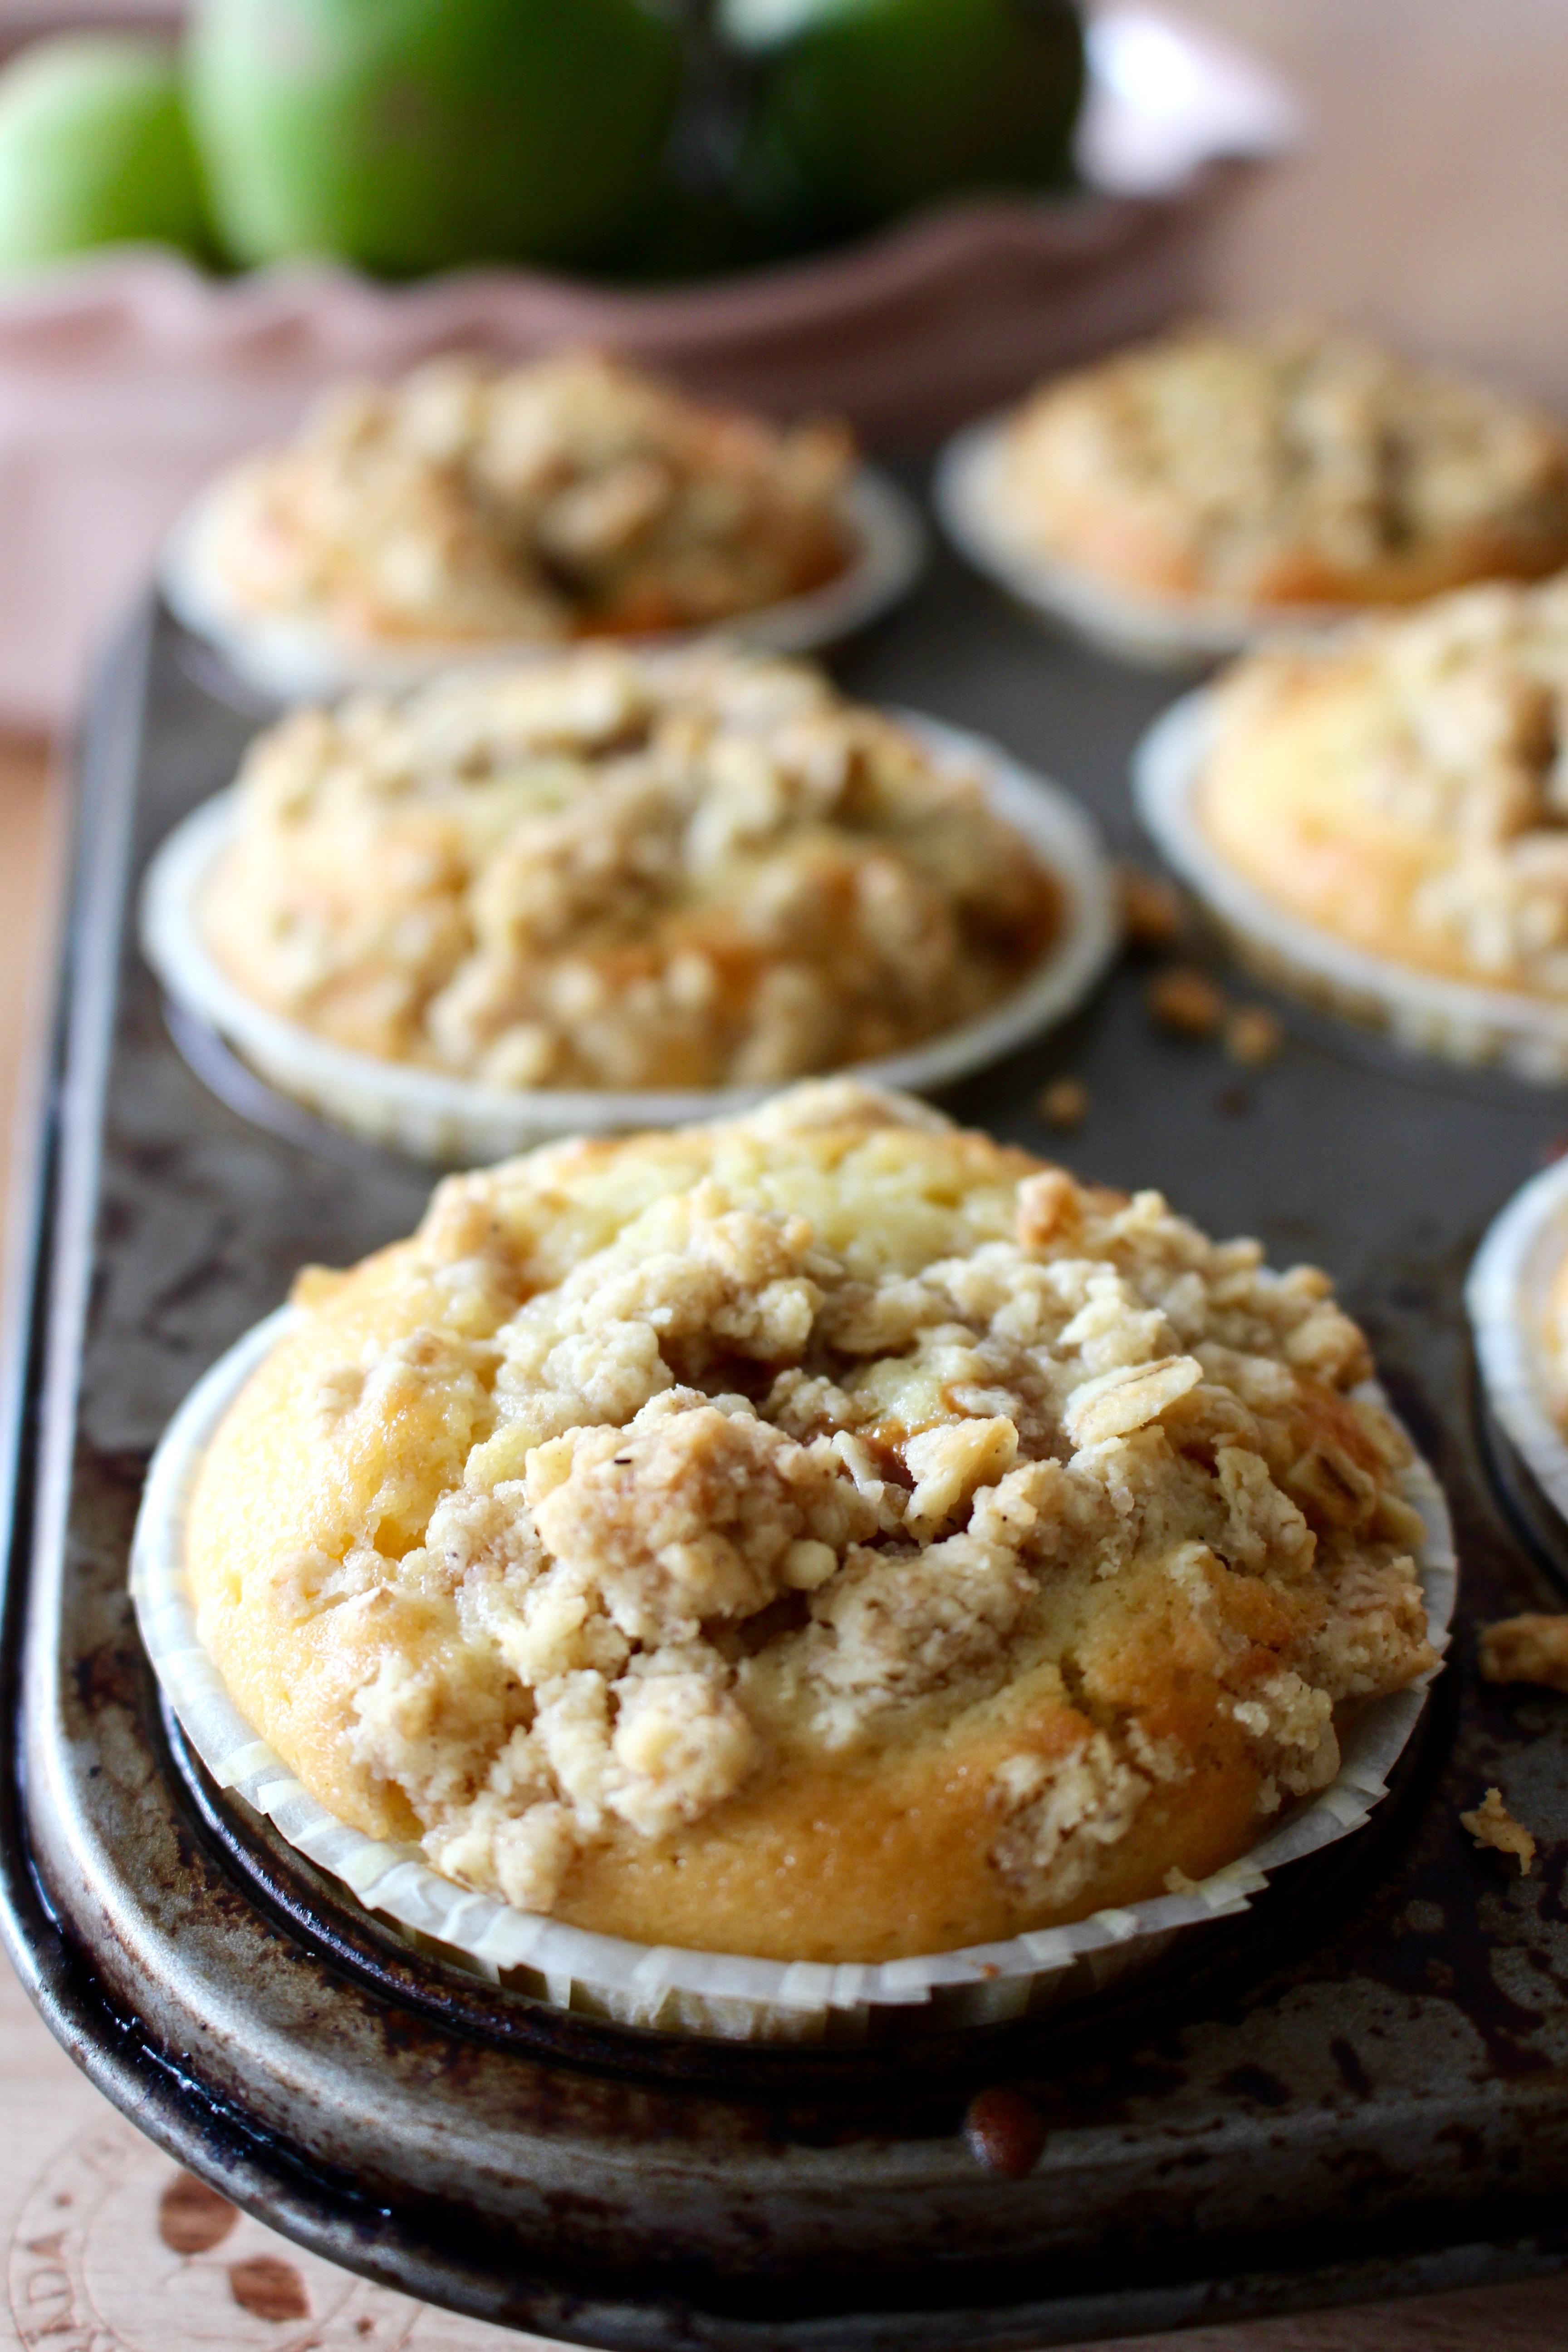 nygräddade muffins